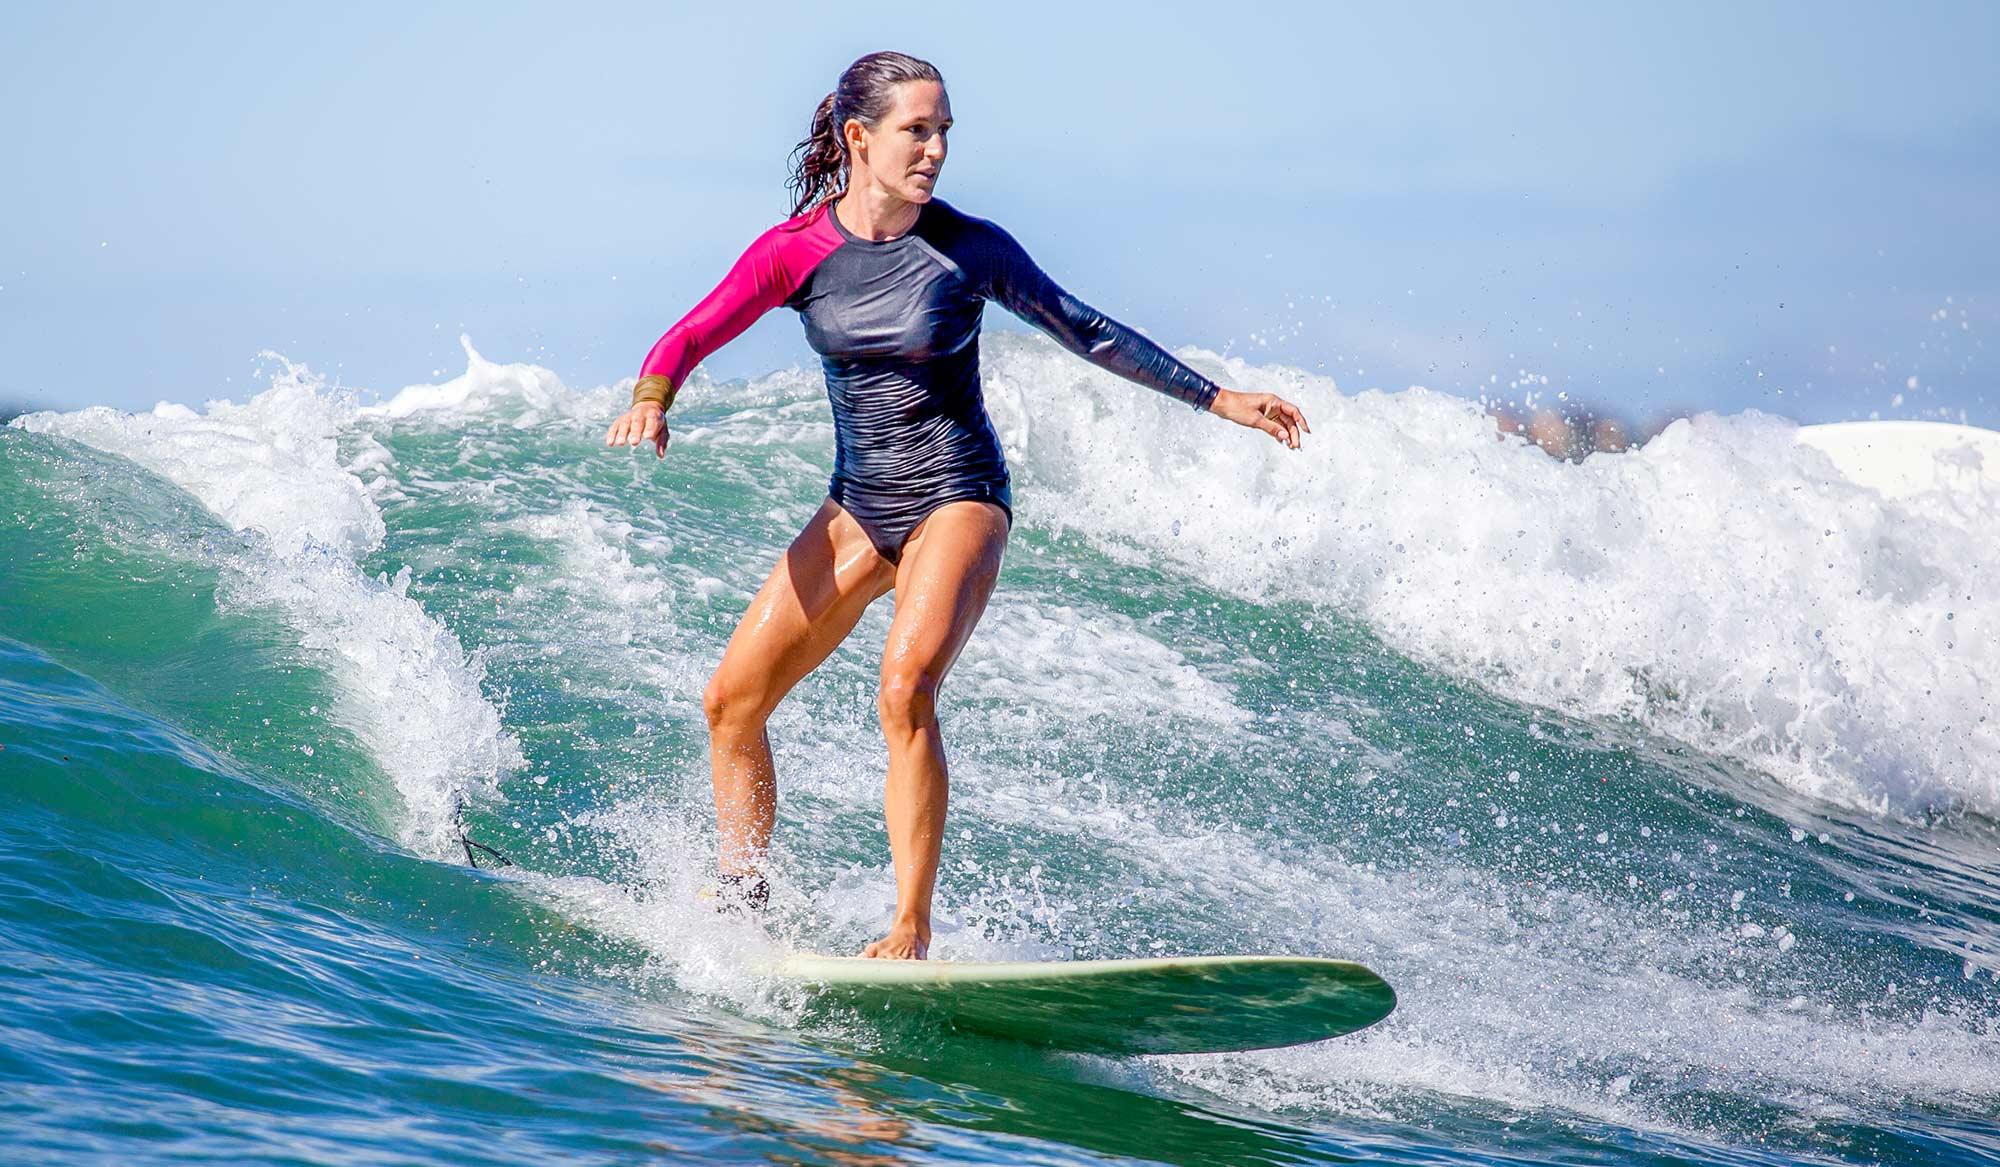 Las Olas surfer